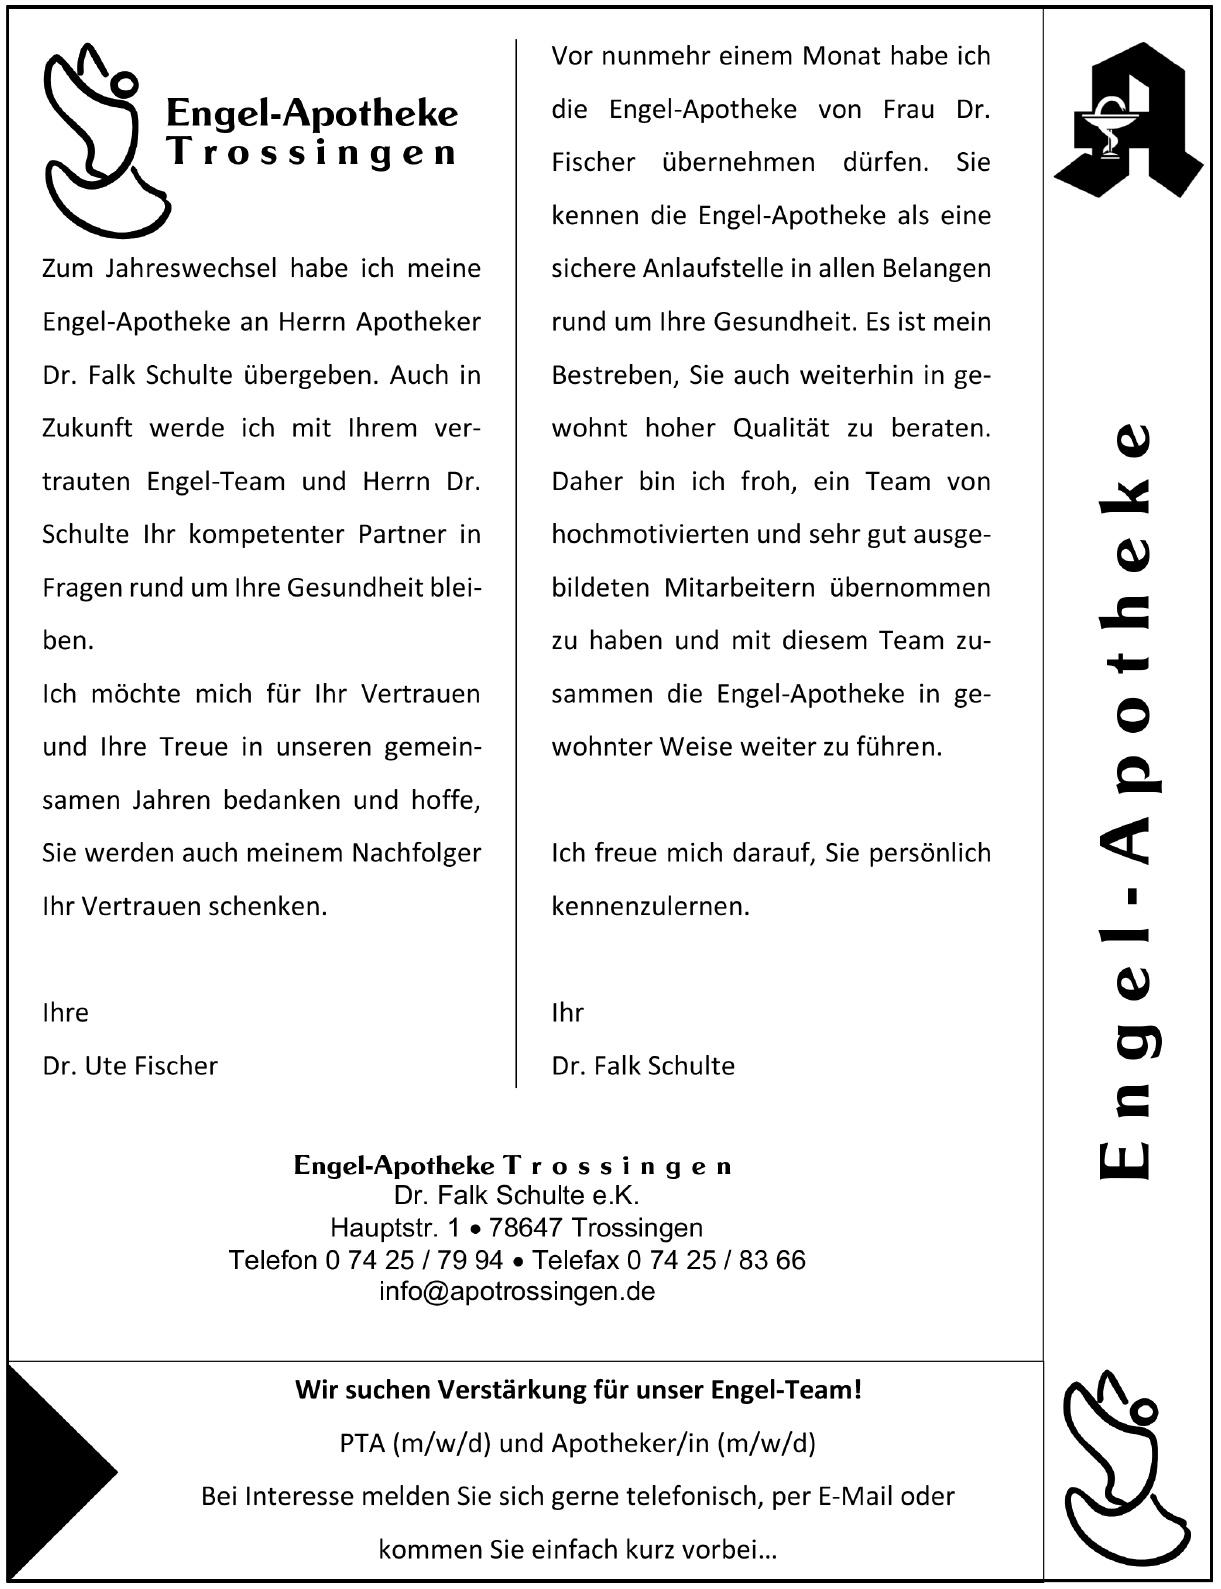 Engel-Apotheke Trossingen